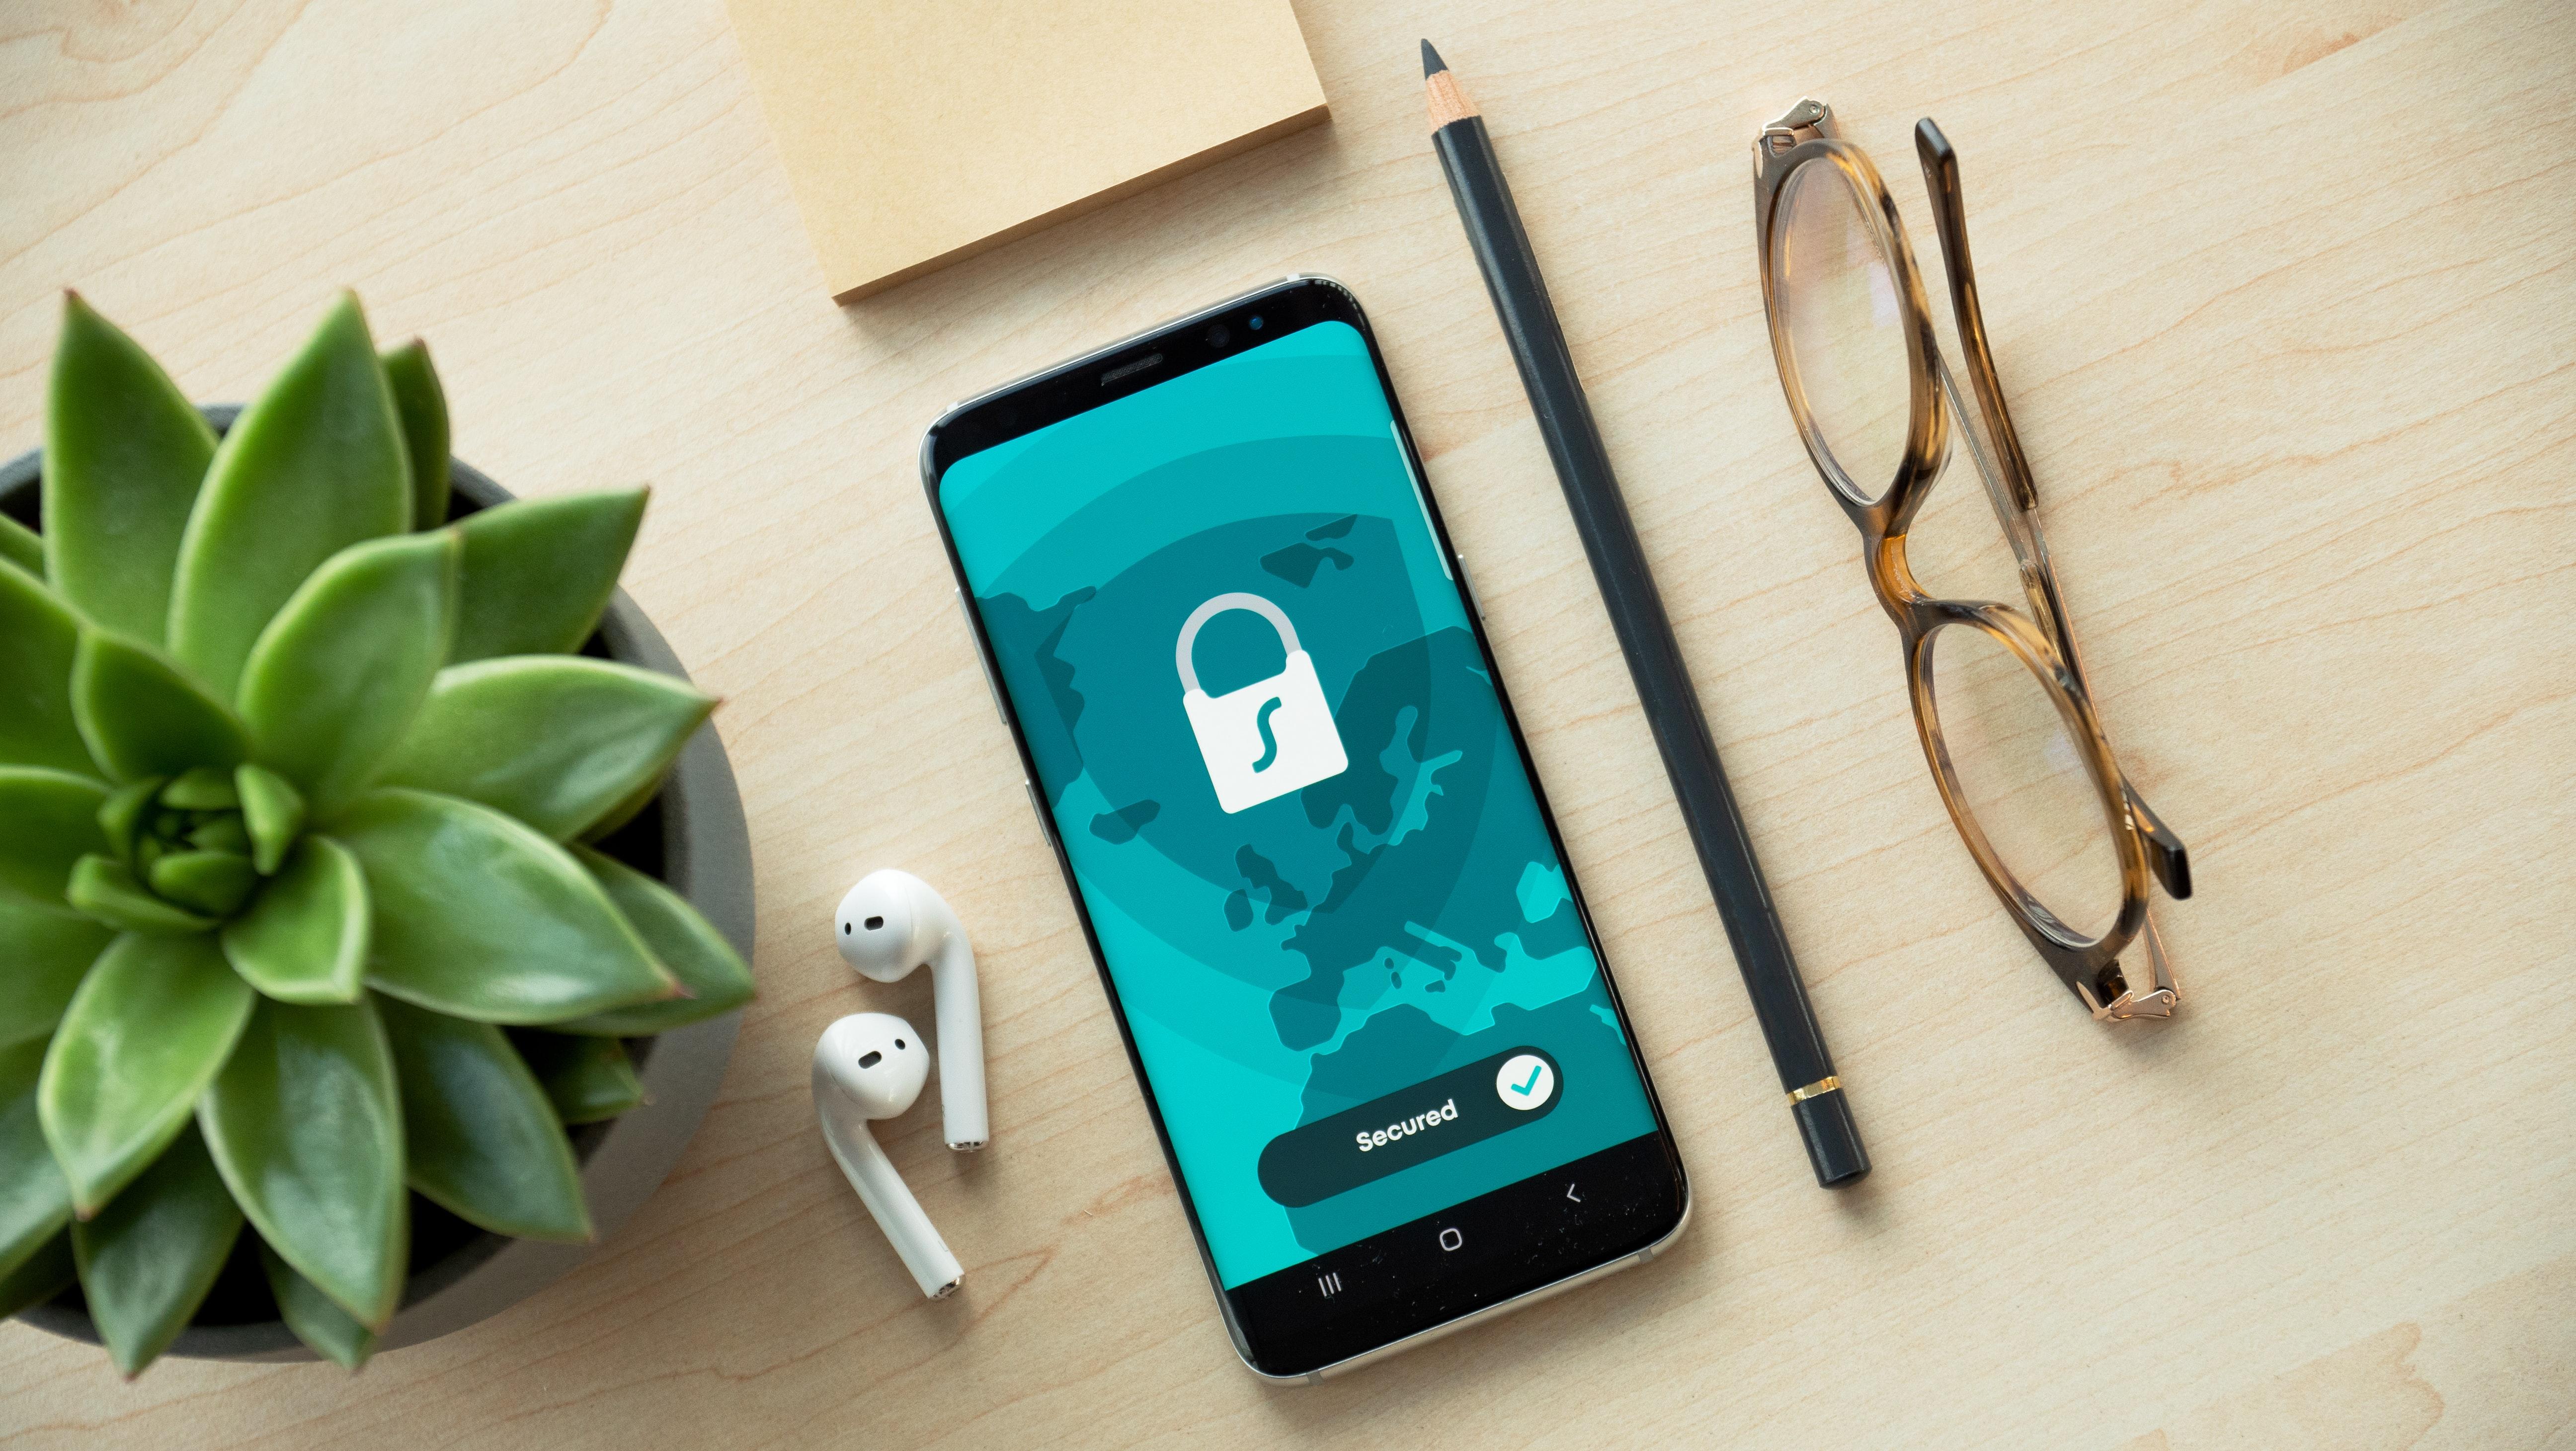 Enquete da semana: você pagaria por privacidade em apps e redes sociais?